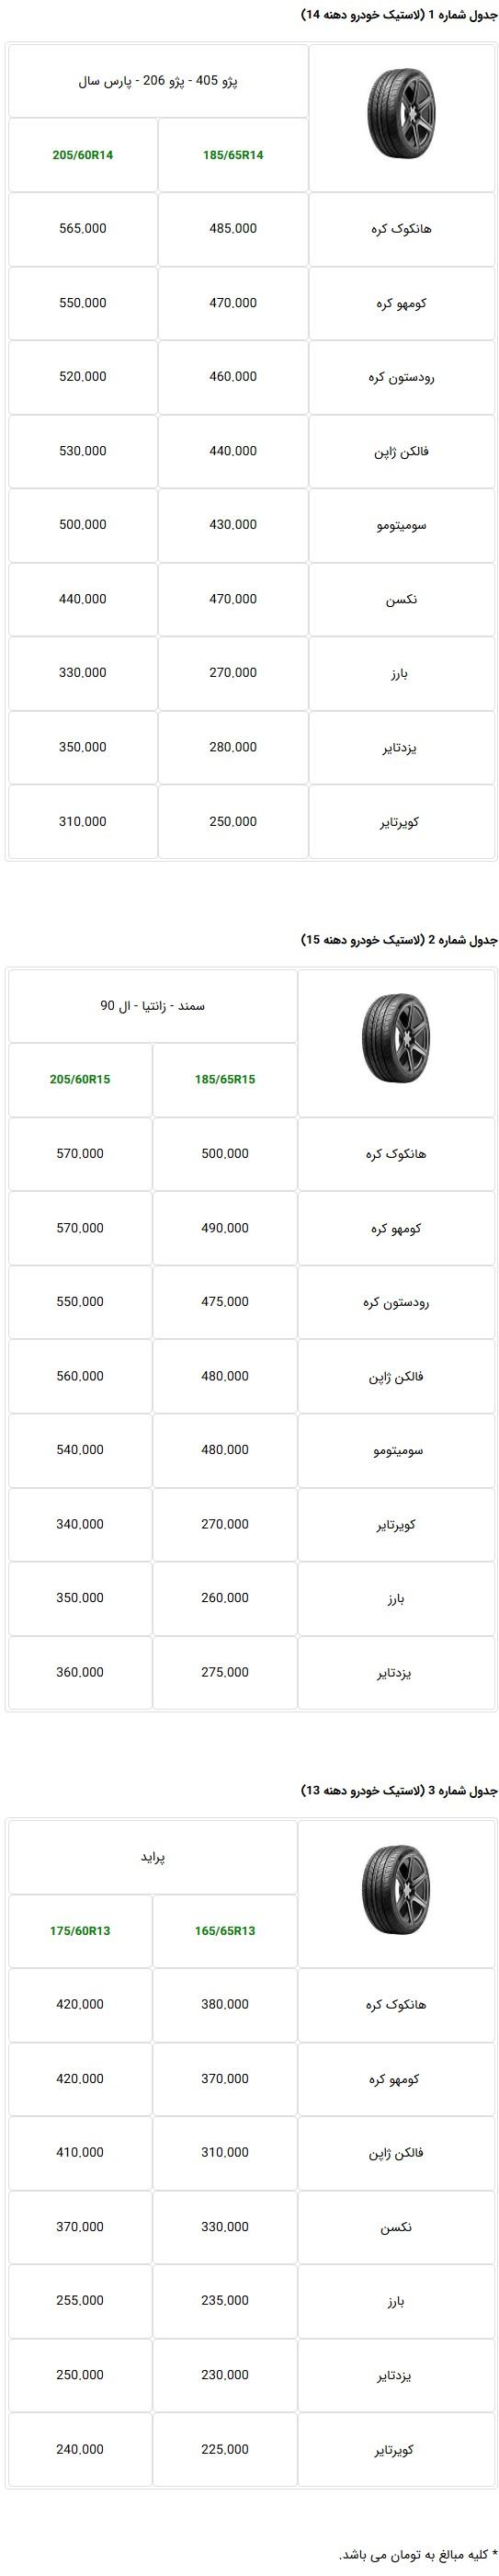 جدول قیمت روز پرفروش ترین لاستیک های خودرو در بازار